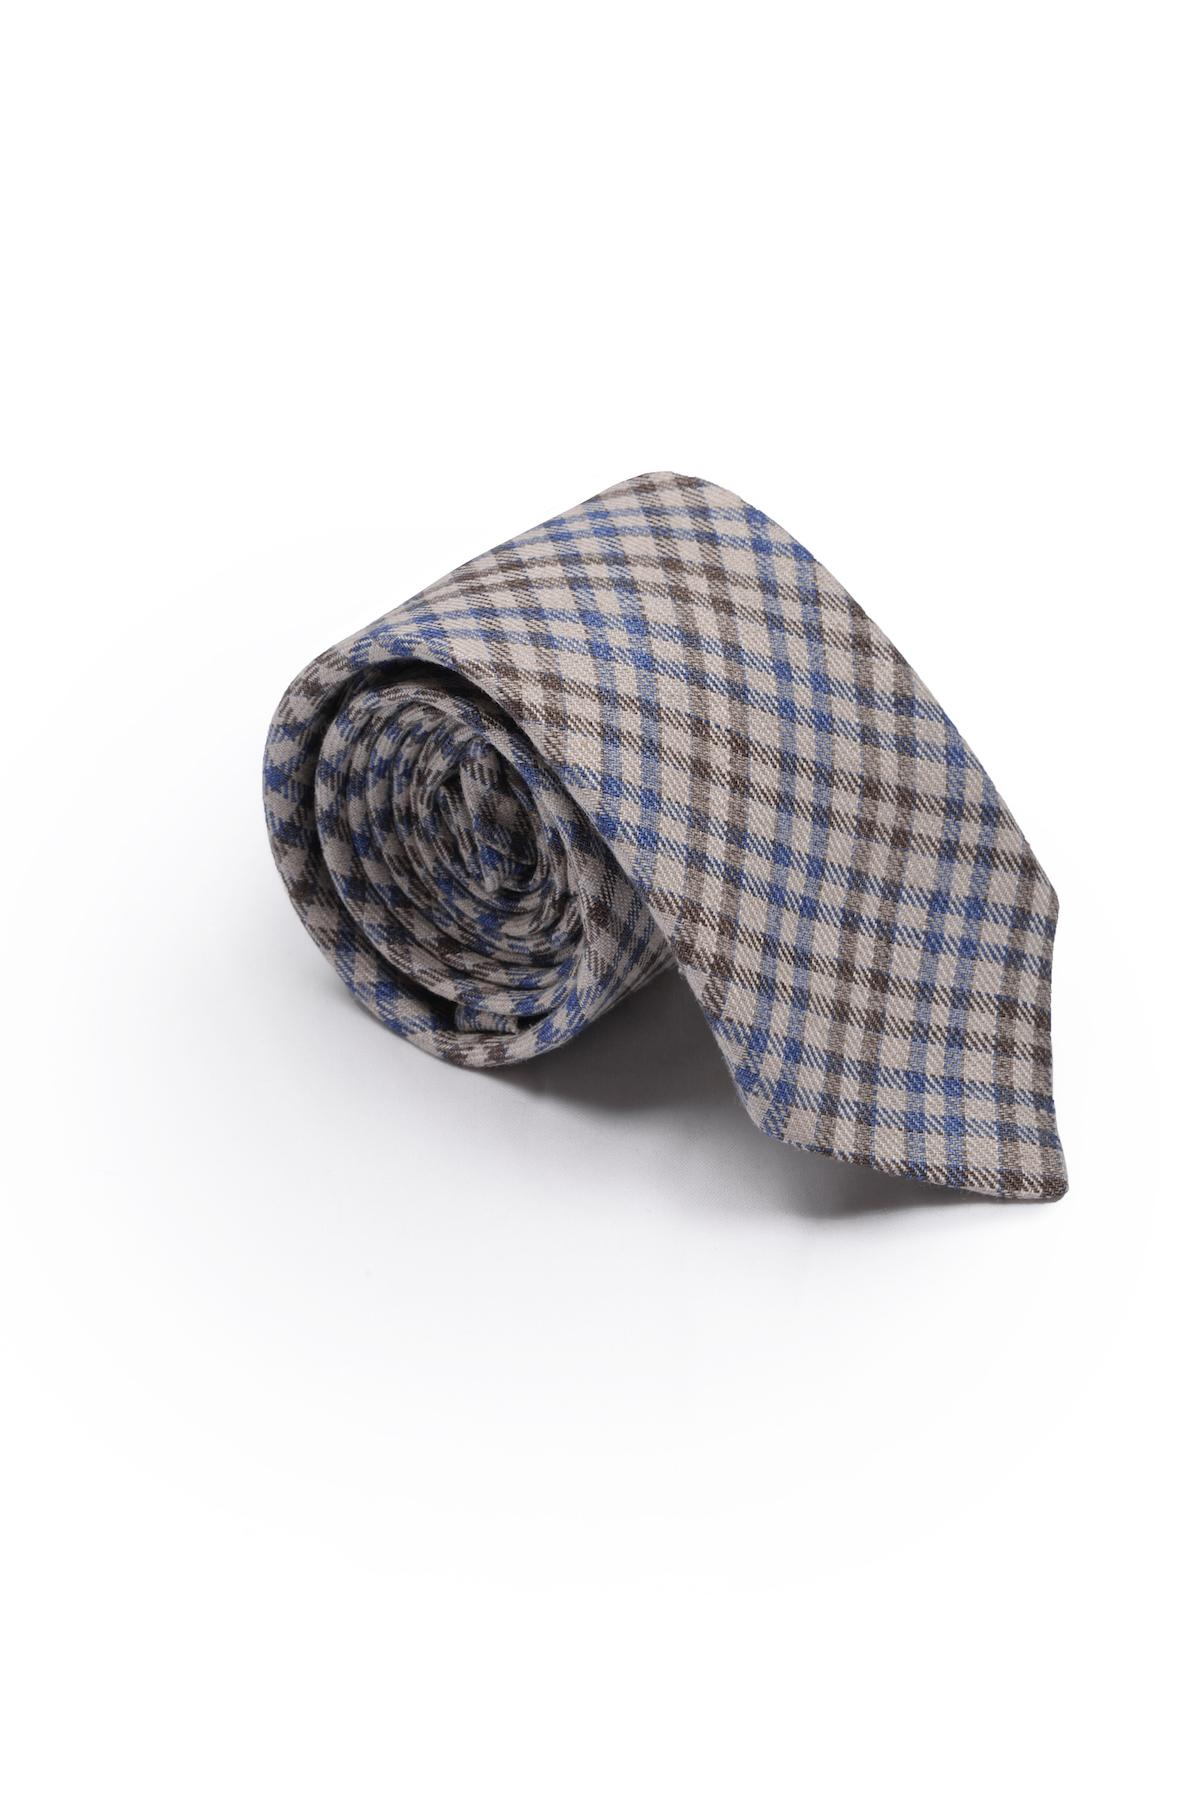 Cravate motif carreaux en lin – beige bleu   Cadot dc890a18802